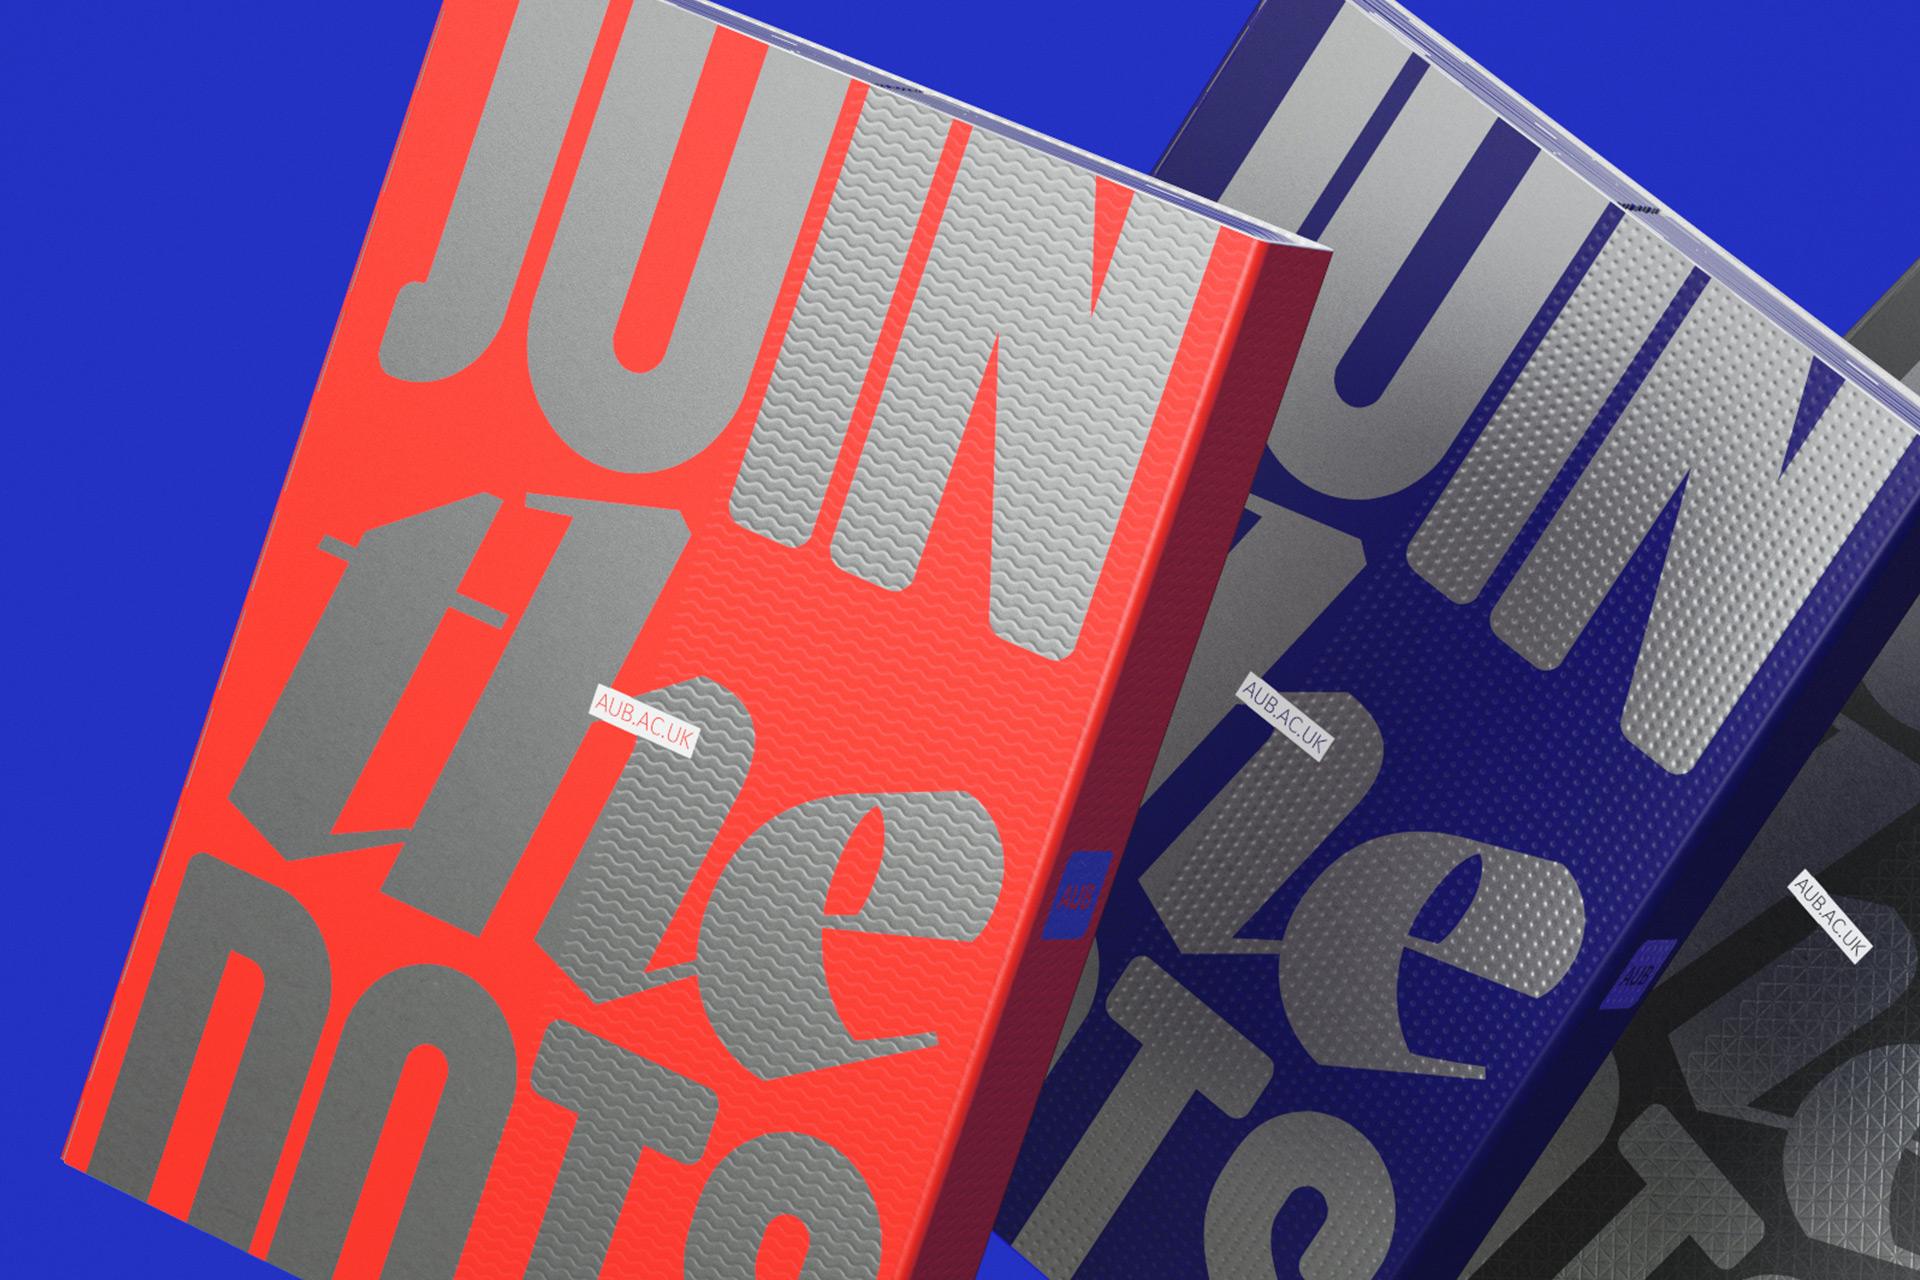 arts-university-bournemouth-cgi-visualisation-09